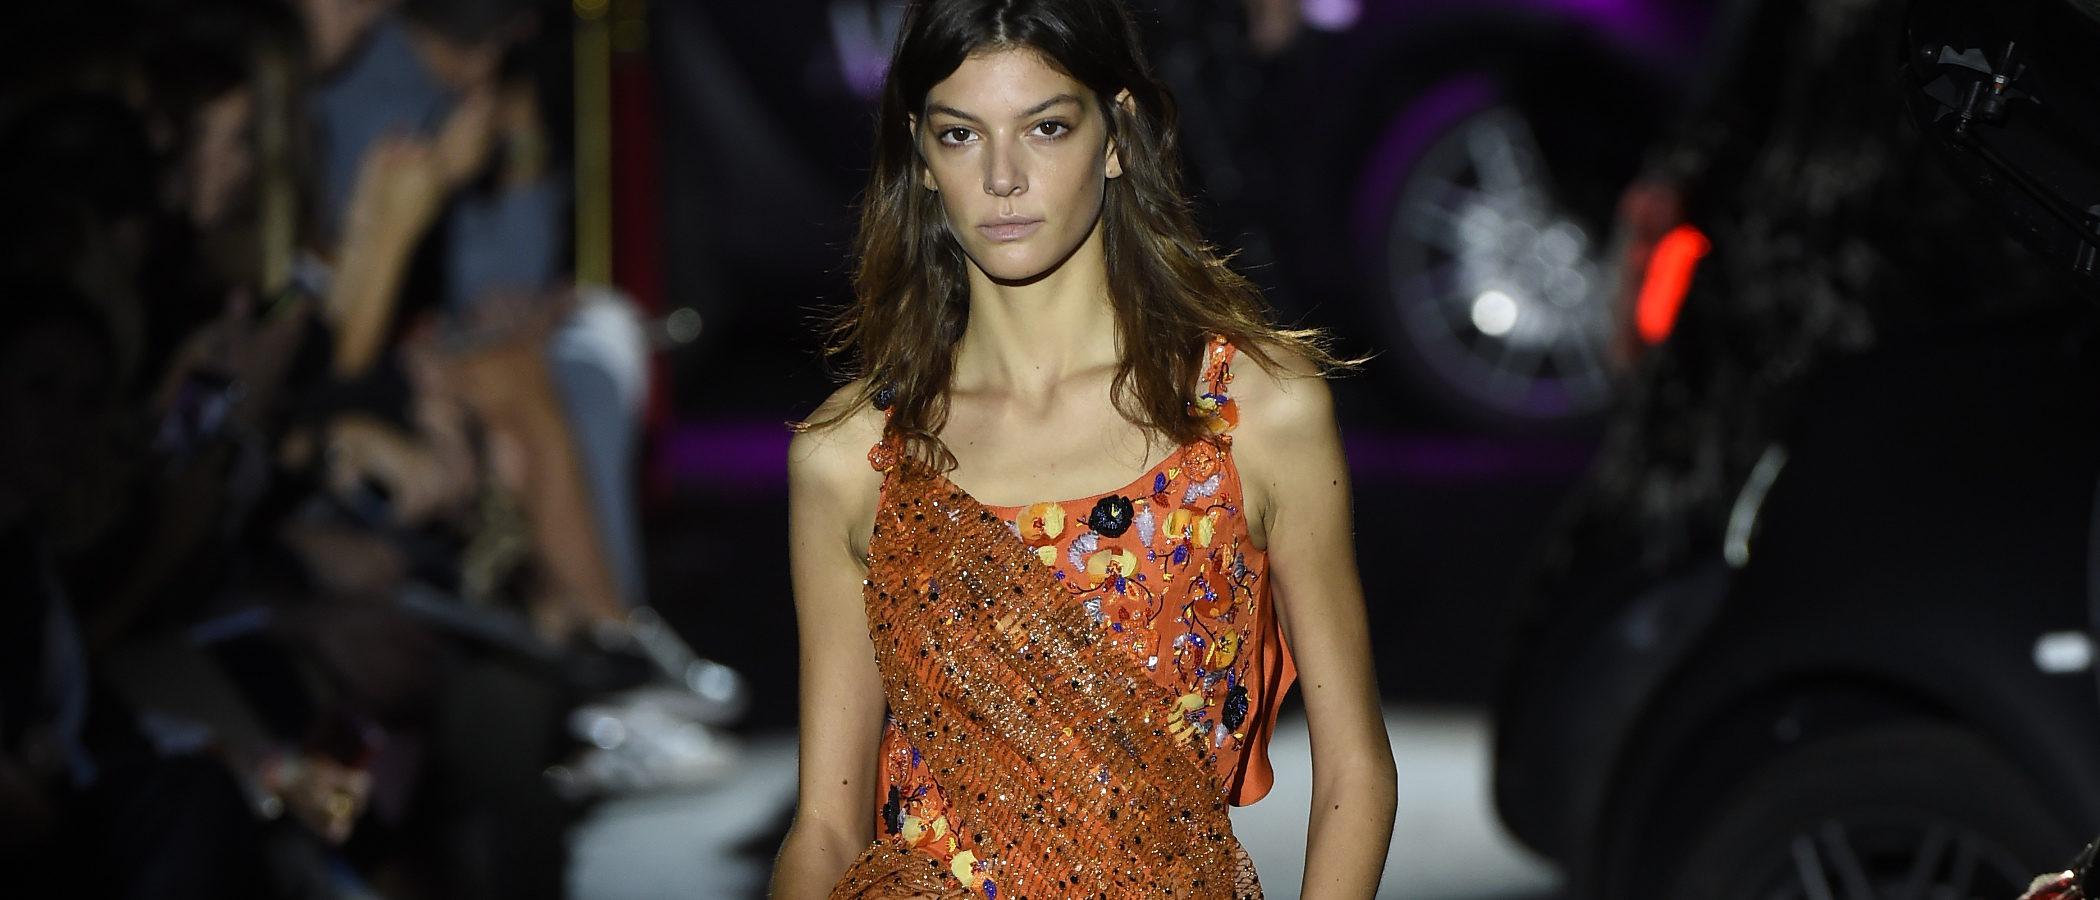 Alvarno trae brillos y noches de glamour para la colección primavera/verano 2017 en Madrid Fashion Week